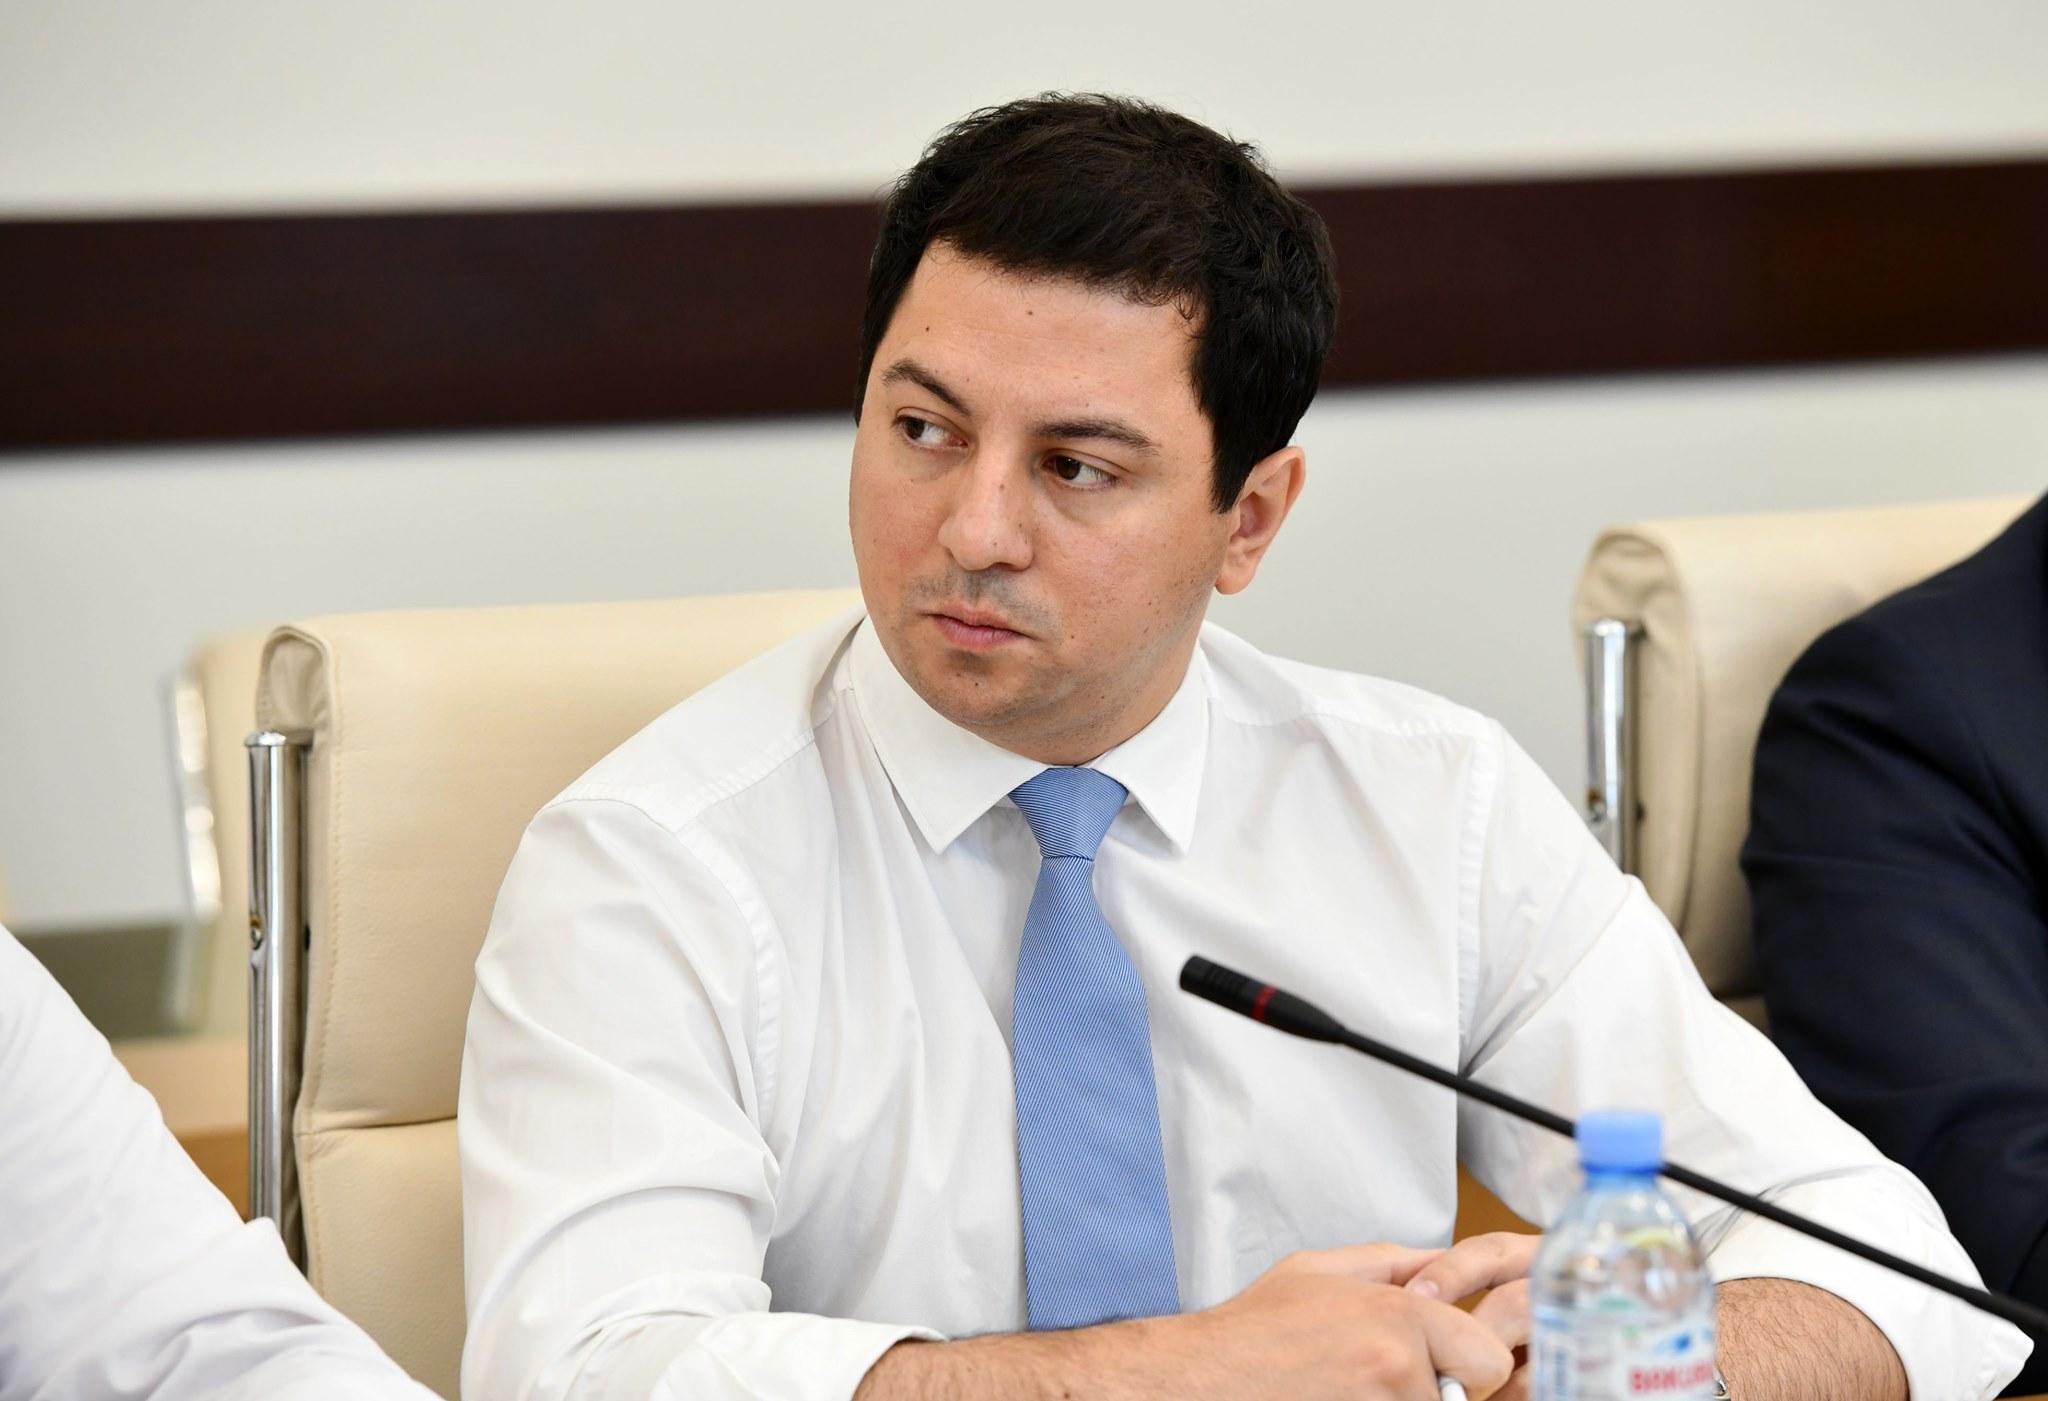 Archil Talakvadze 1 #новости Арчил Талаквадзе, Выборы 2020, Грузинская мечта, Единое Национальное Движение